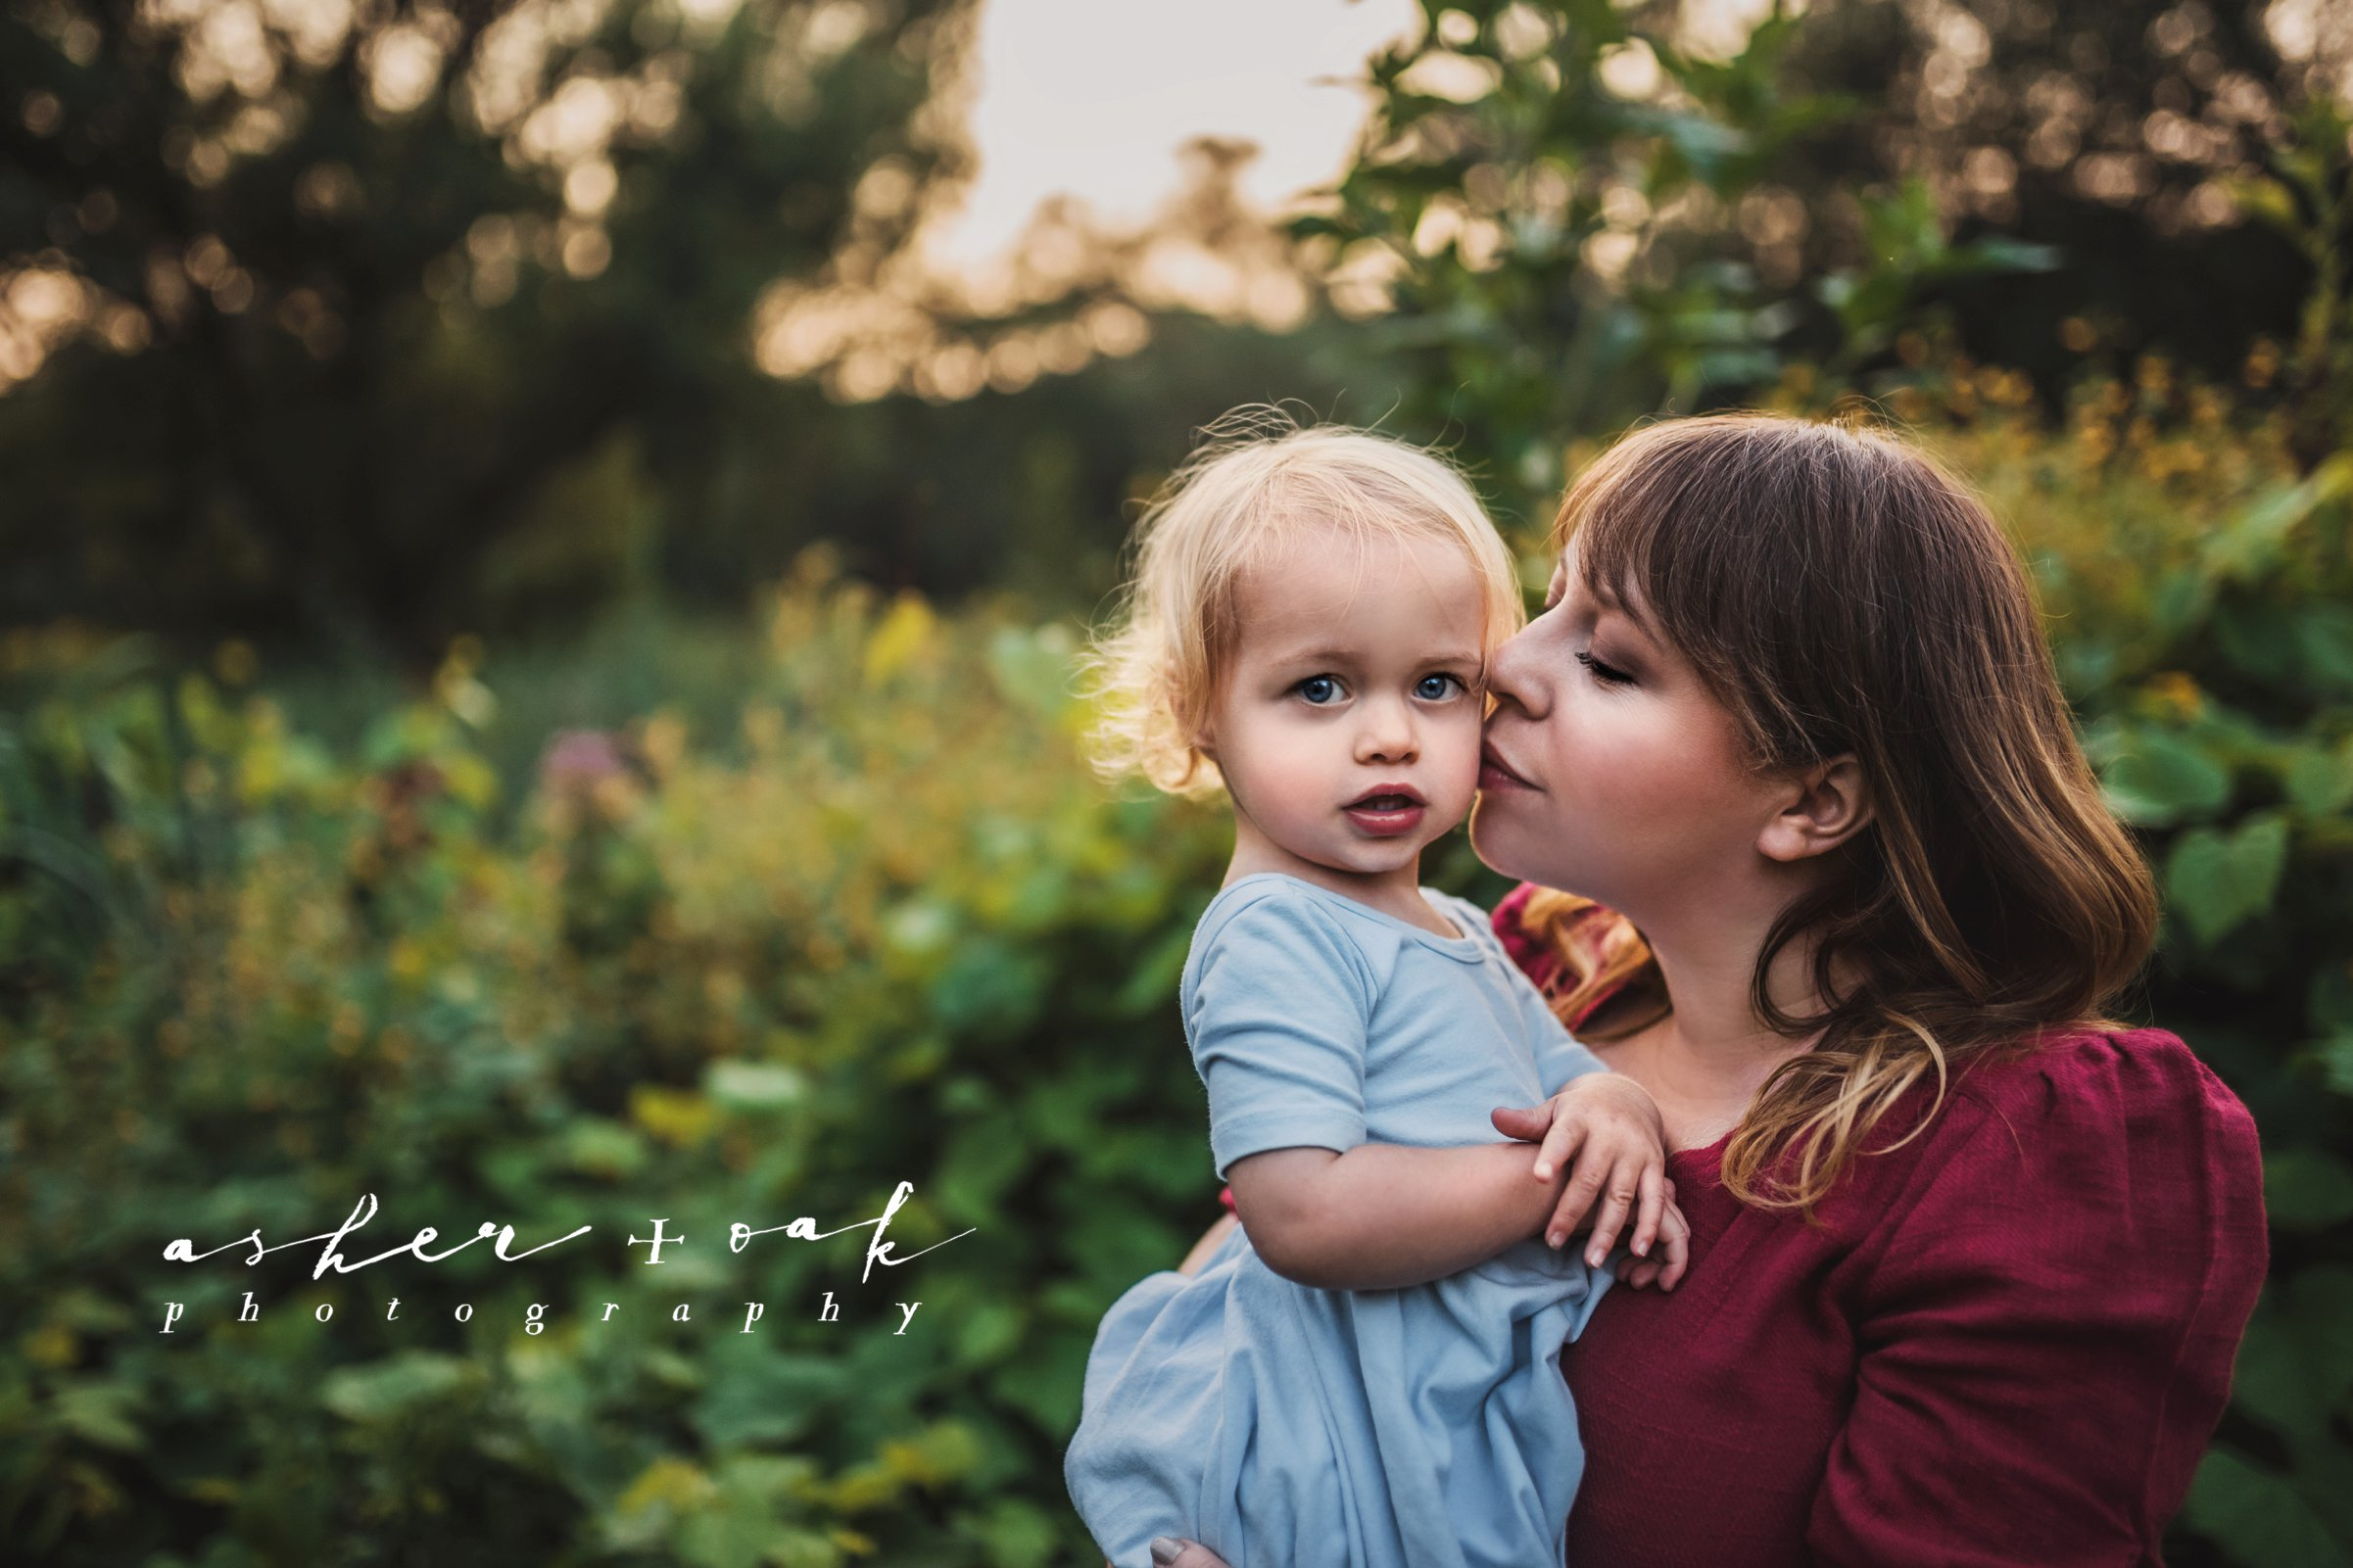 Massachusetts_Family_Photographer_Portrait_Toddler_Kiss_Love_Arnold_Arboretum_Boston_Asher_and_Oak_Photography.jpg